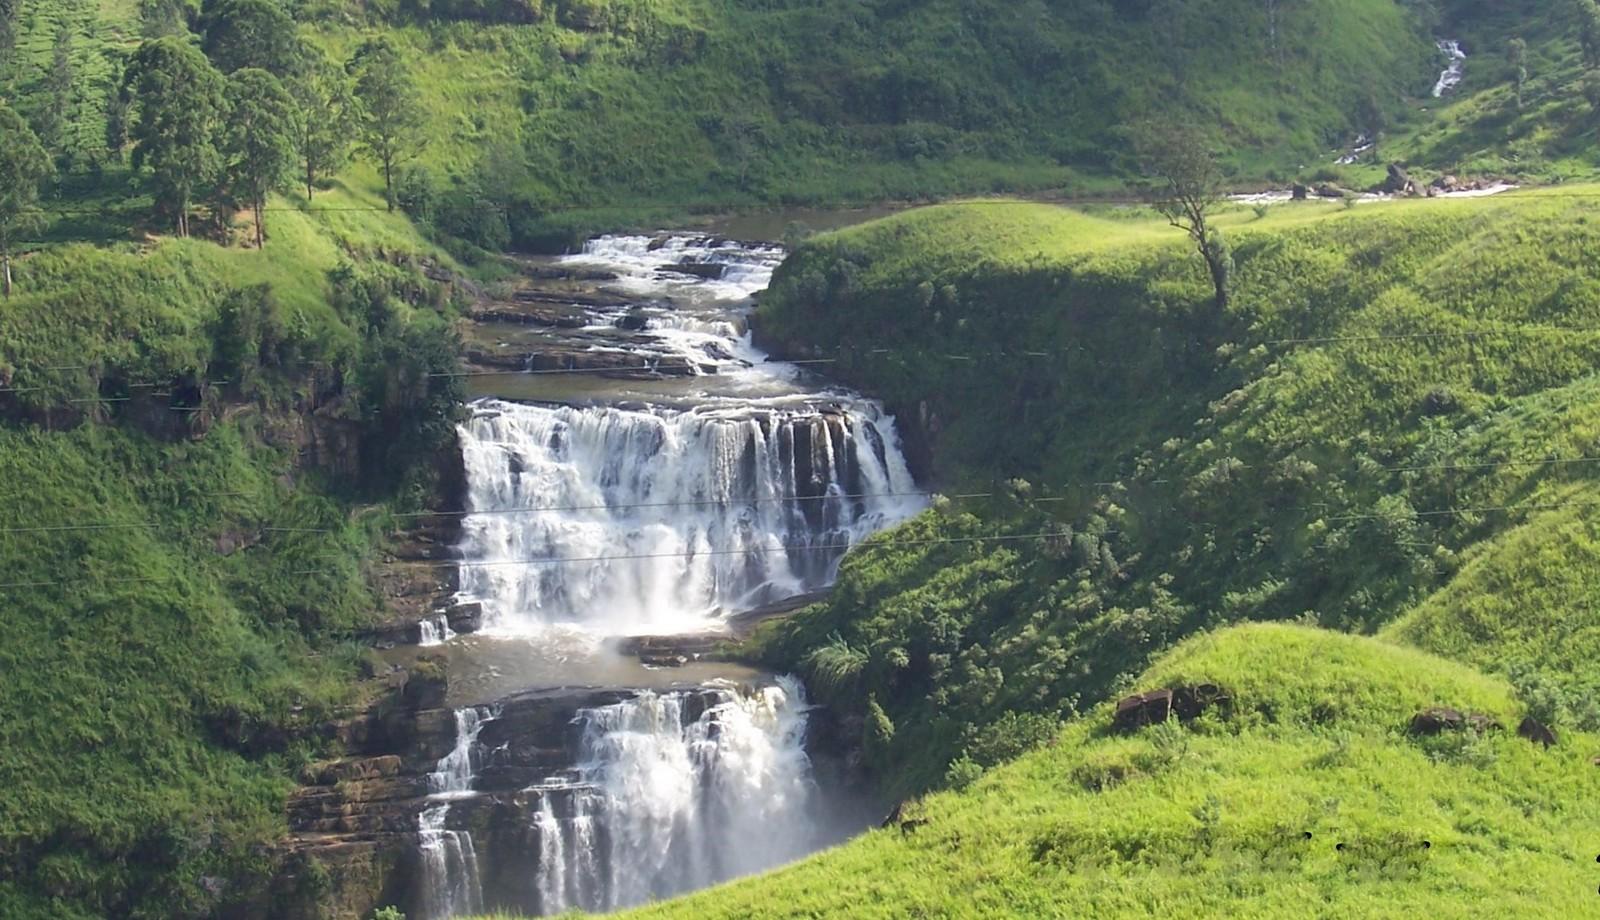 St. Clair Falls - Ceylon